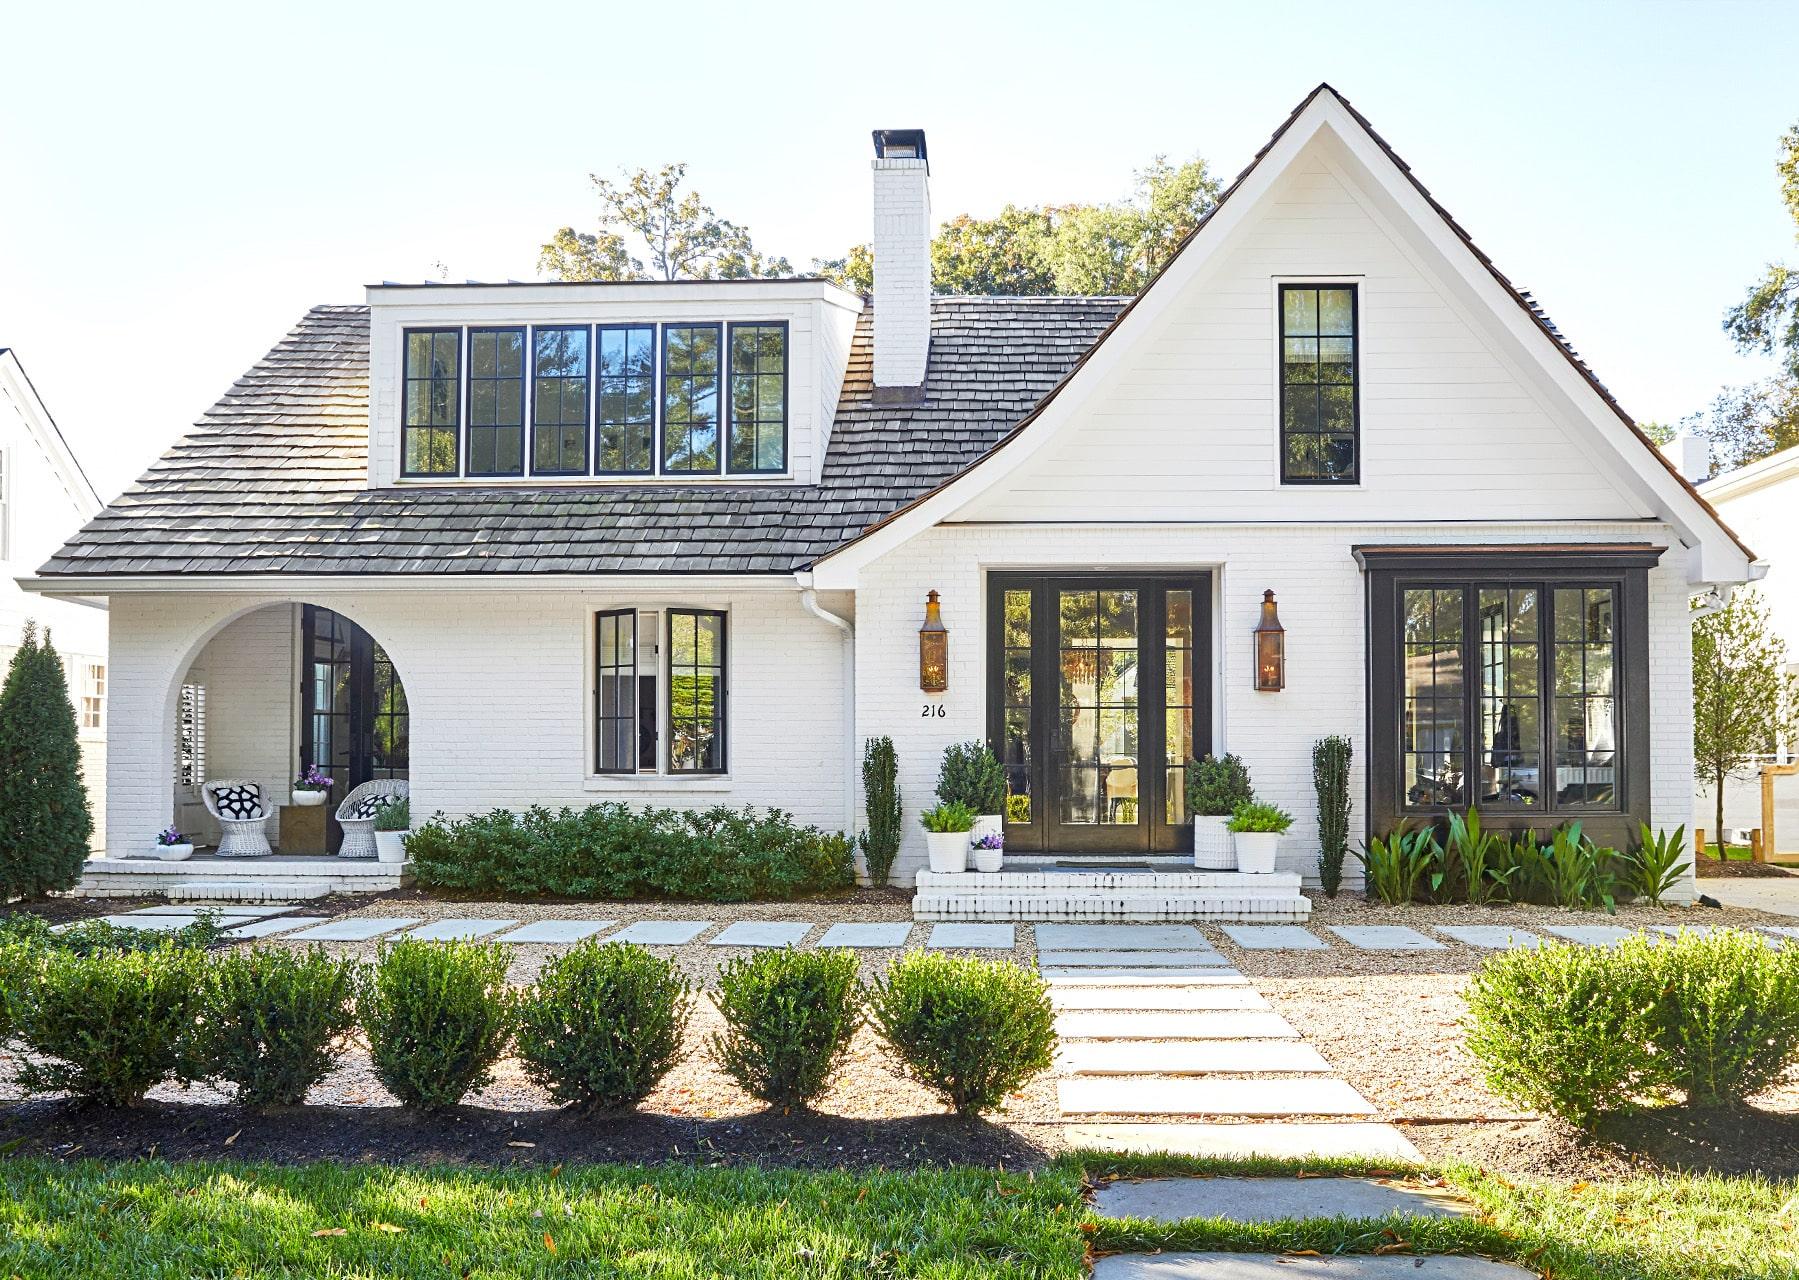 34 Desain Rumah Mewah Modern Gaya Amerika Thegorbalsla